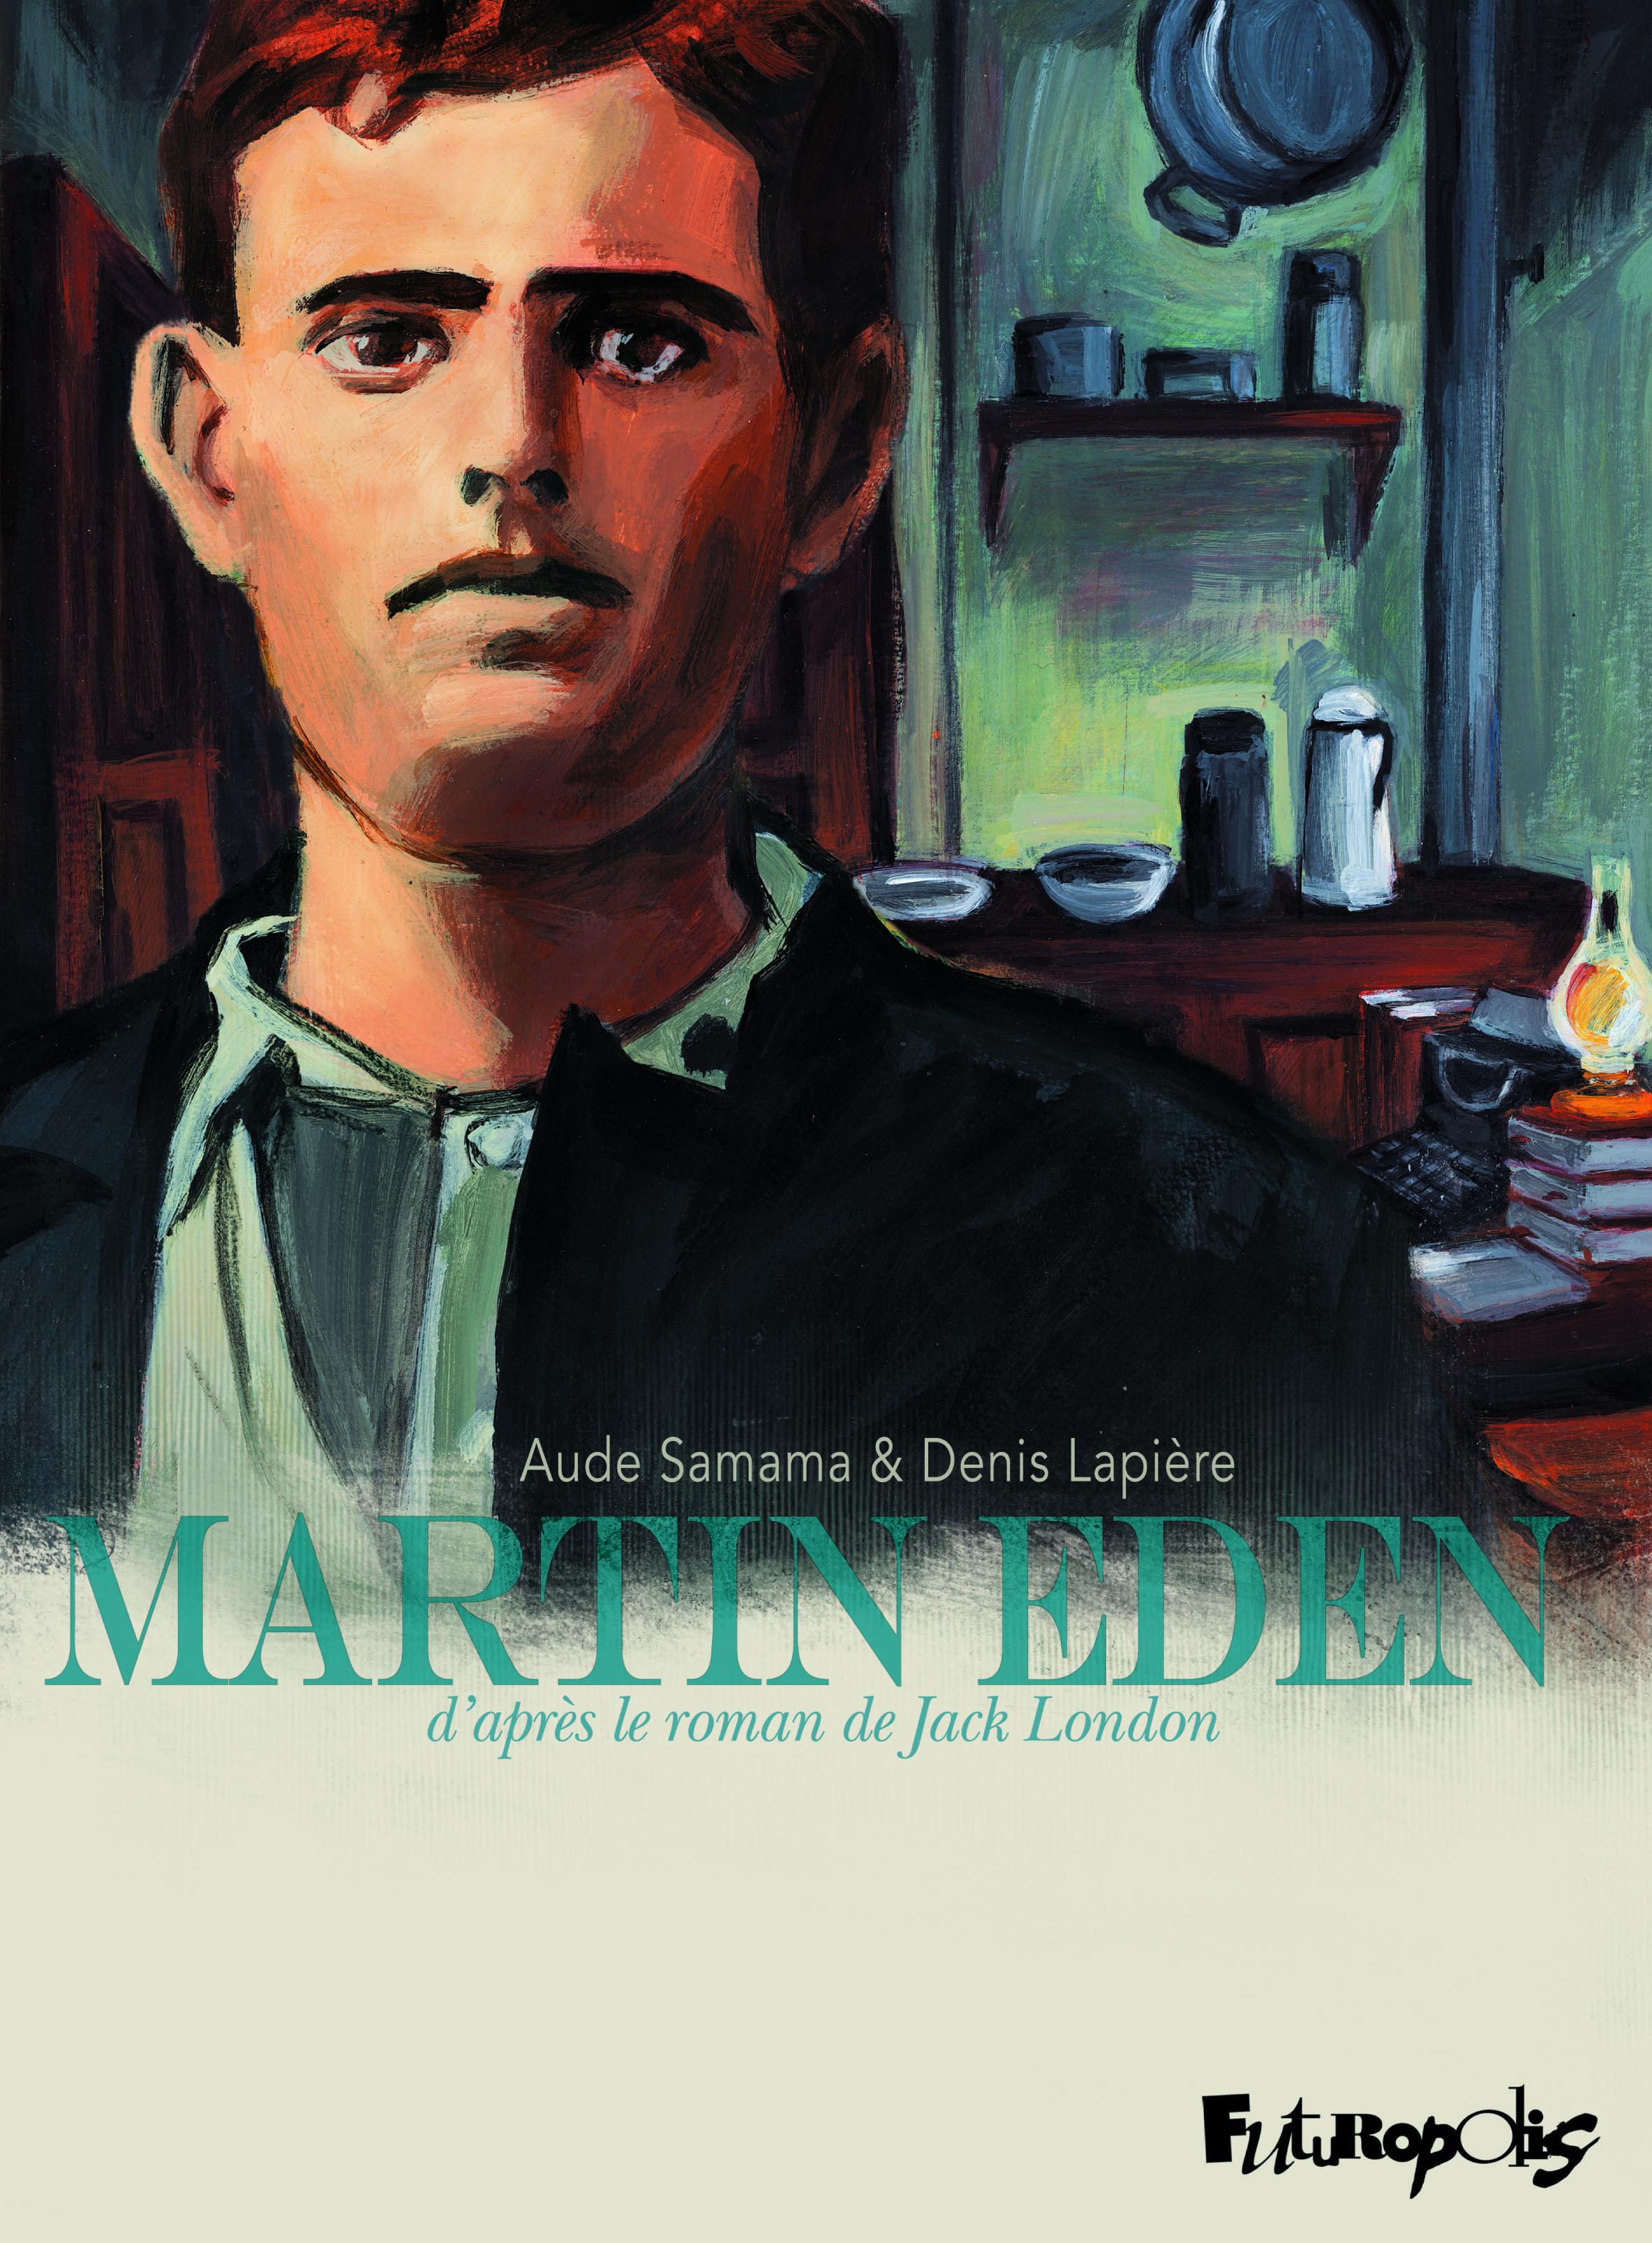 Martin Eden, Jack London se livre